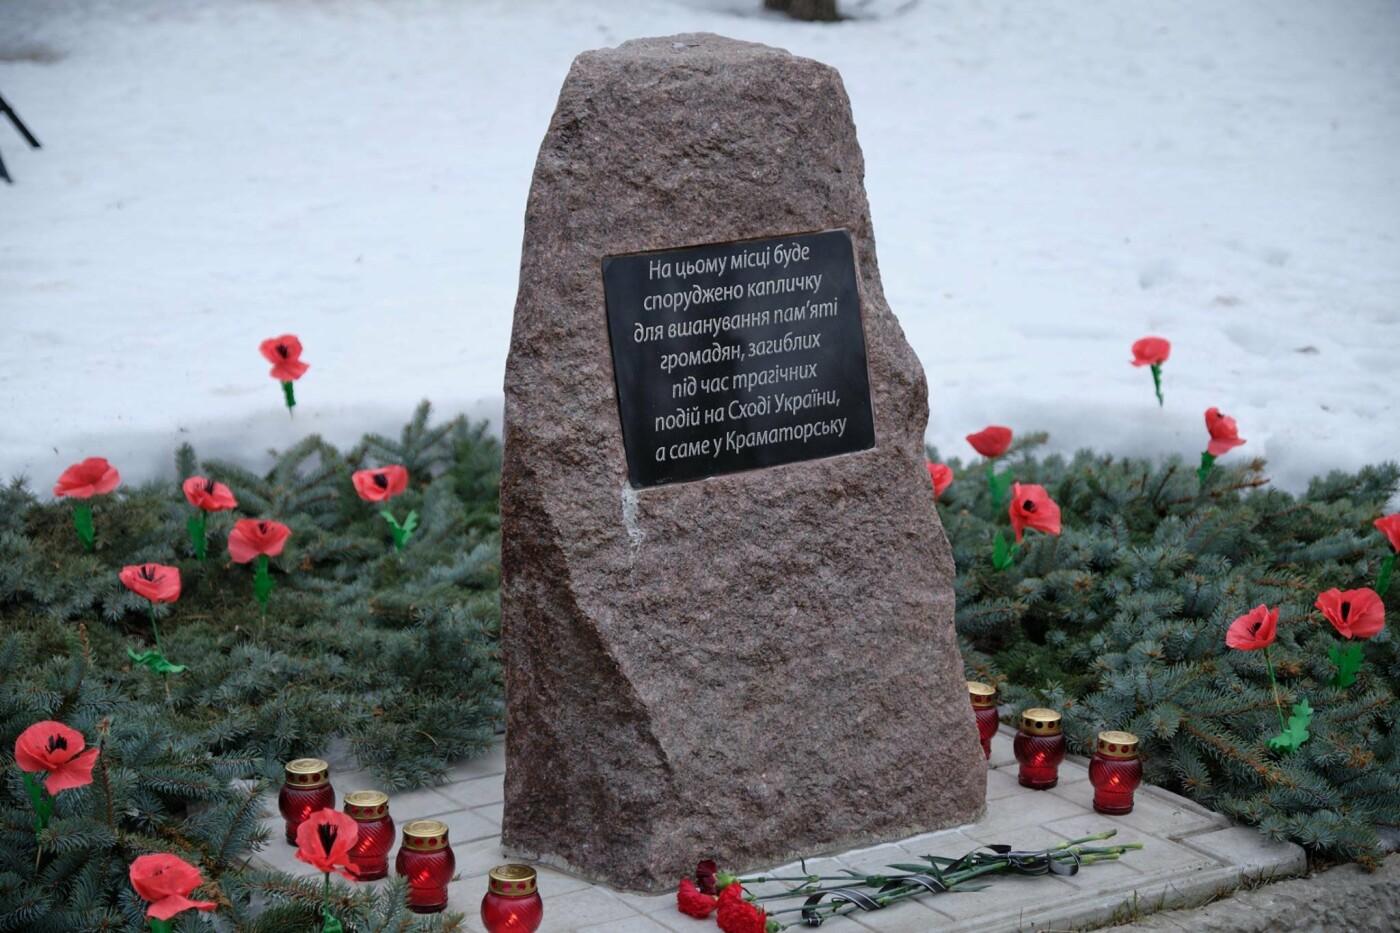 В Краматорске почтили память 17 горожан, погибших от обстрела российских оккупантов, - ФОТО, фото-2